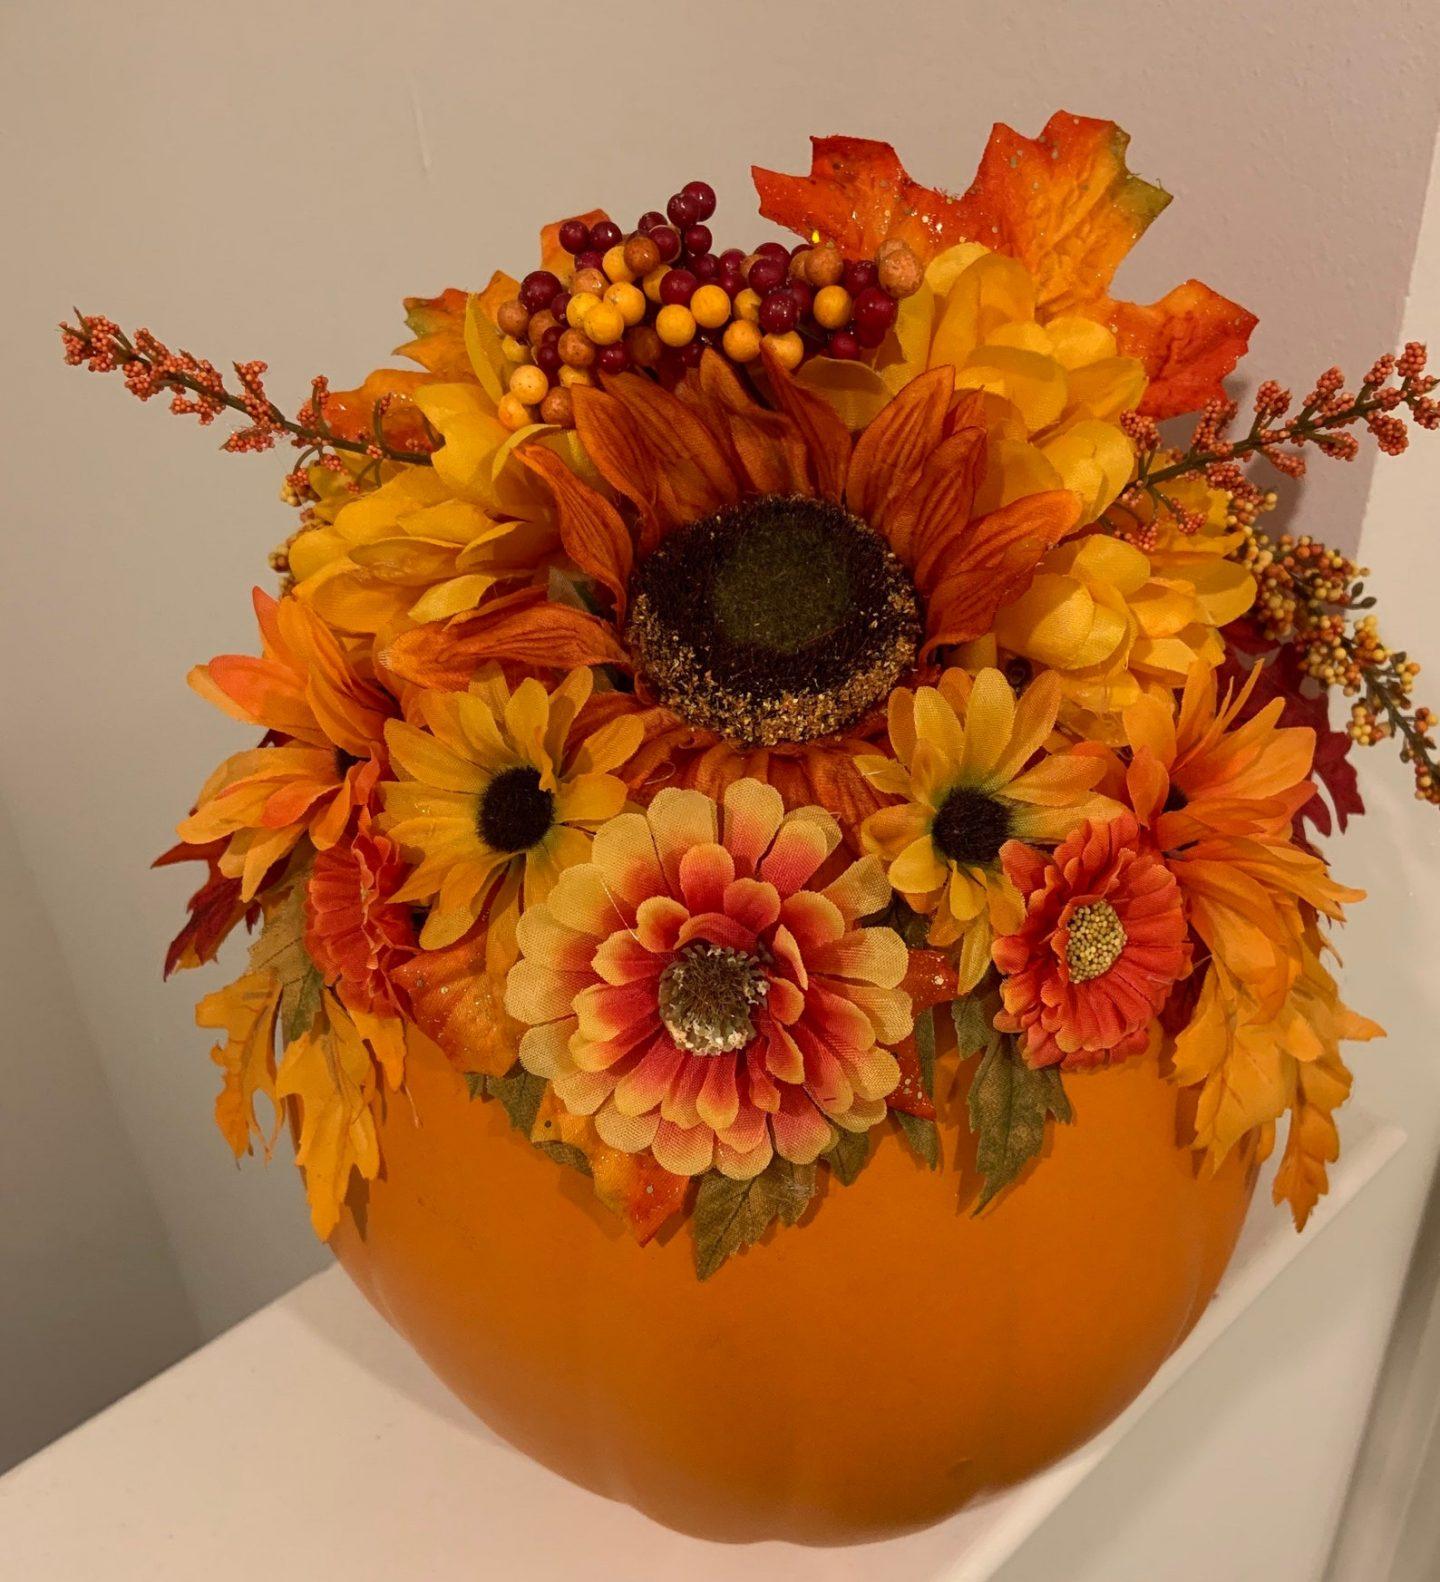 Fall Flowers & Pumpkin Centerpiece for Thanksgiving